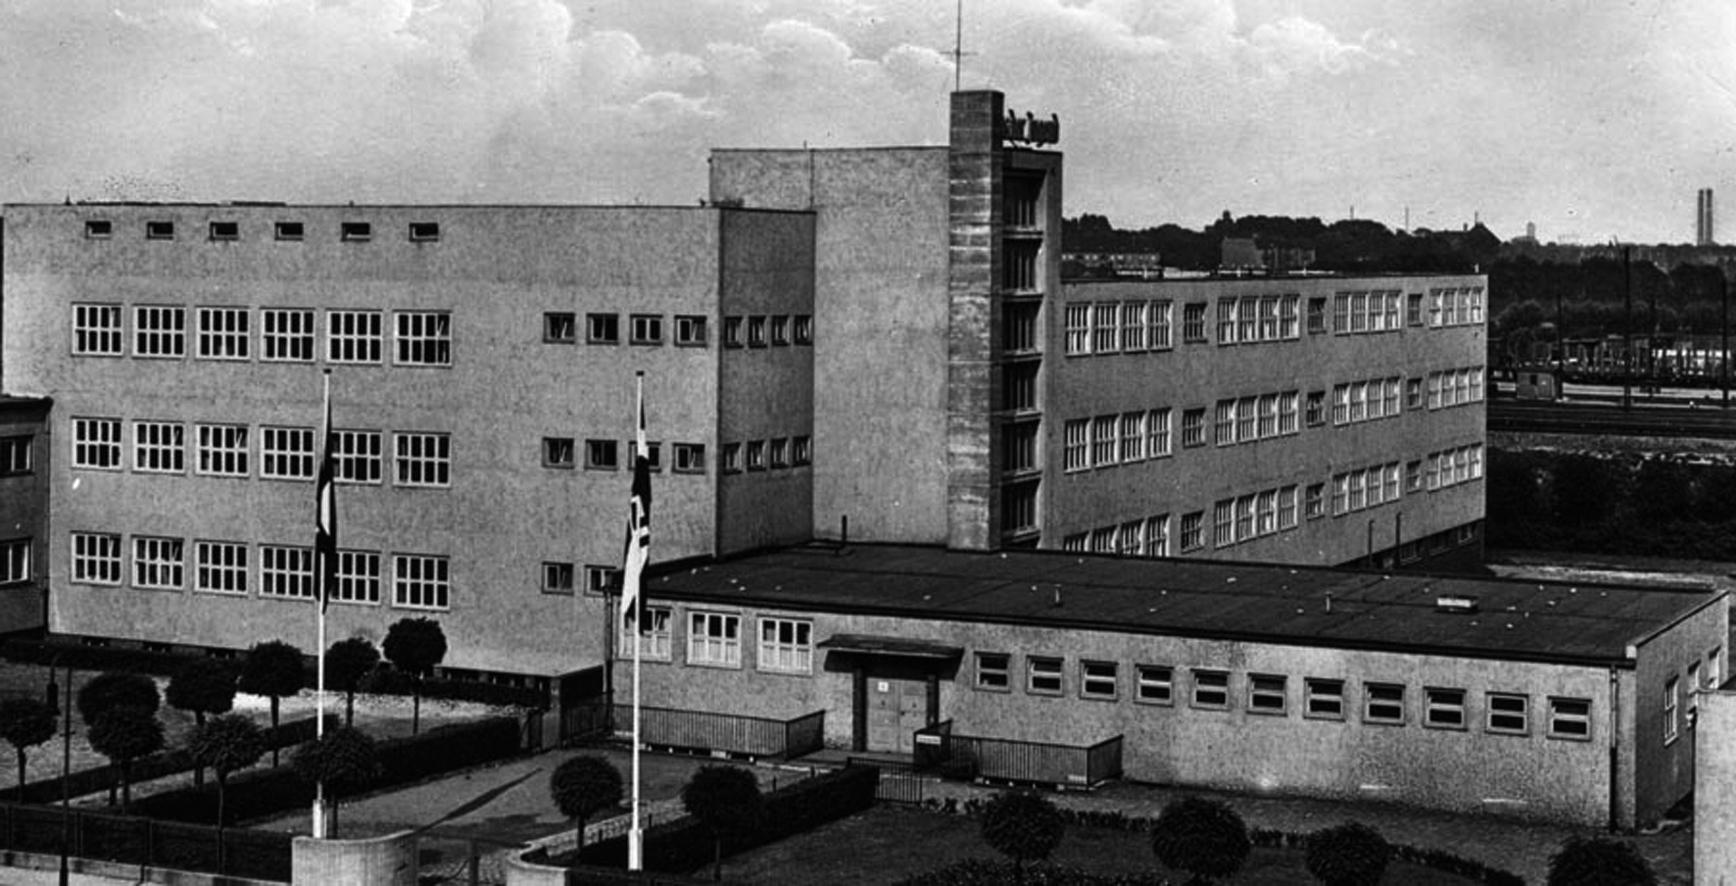 Neue Teupe – Ende der 20er-Jahre im Bauhaus-Stil gebautes Obdachlosennachtasyl. Foto: um 1930